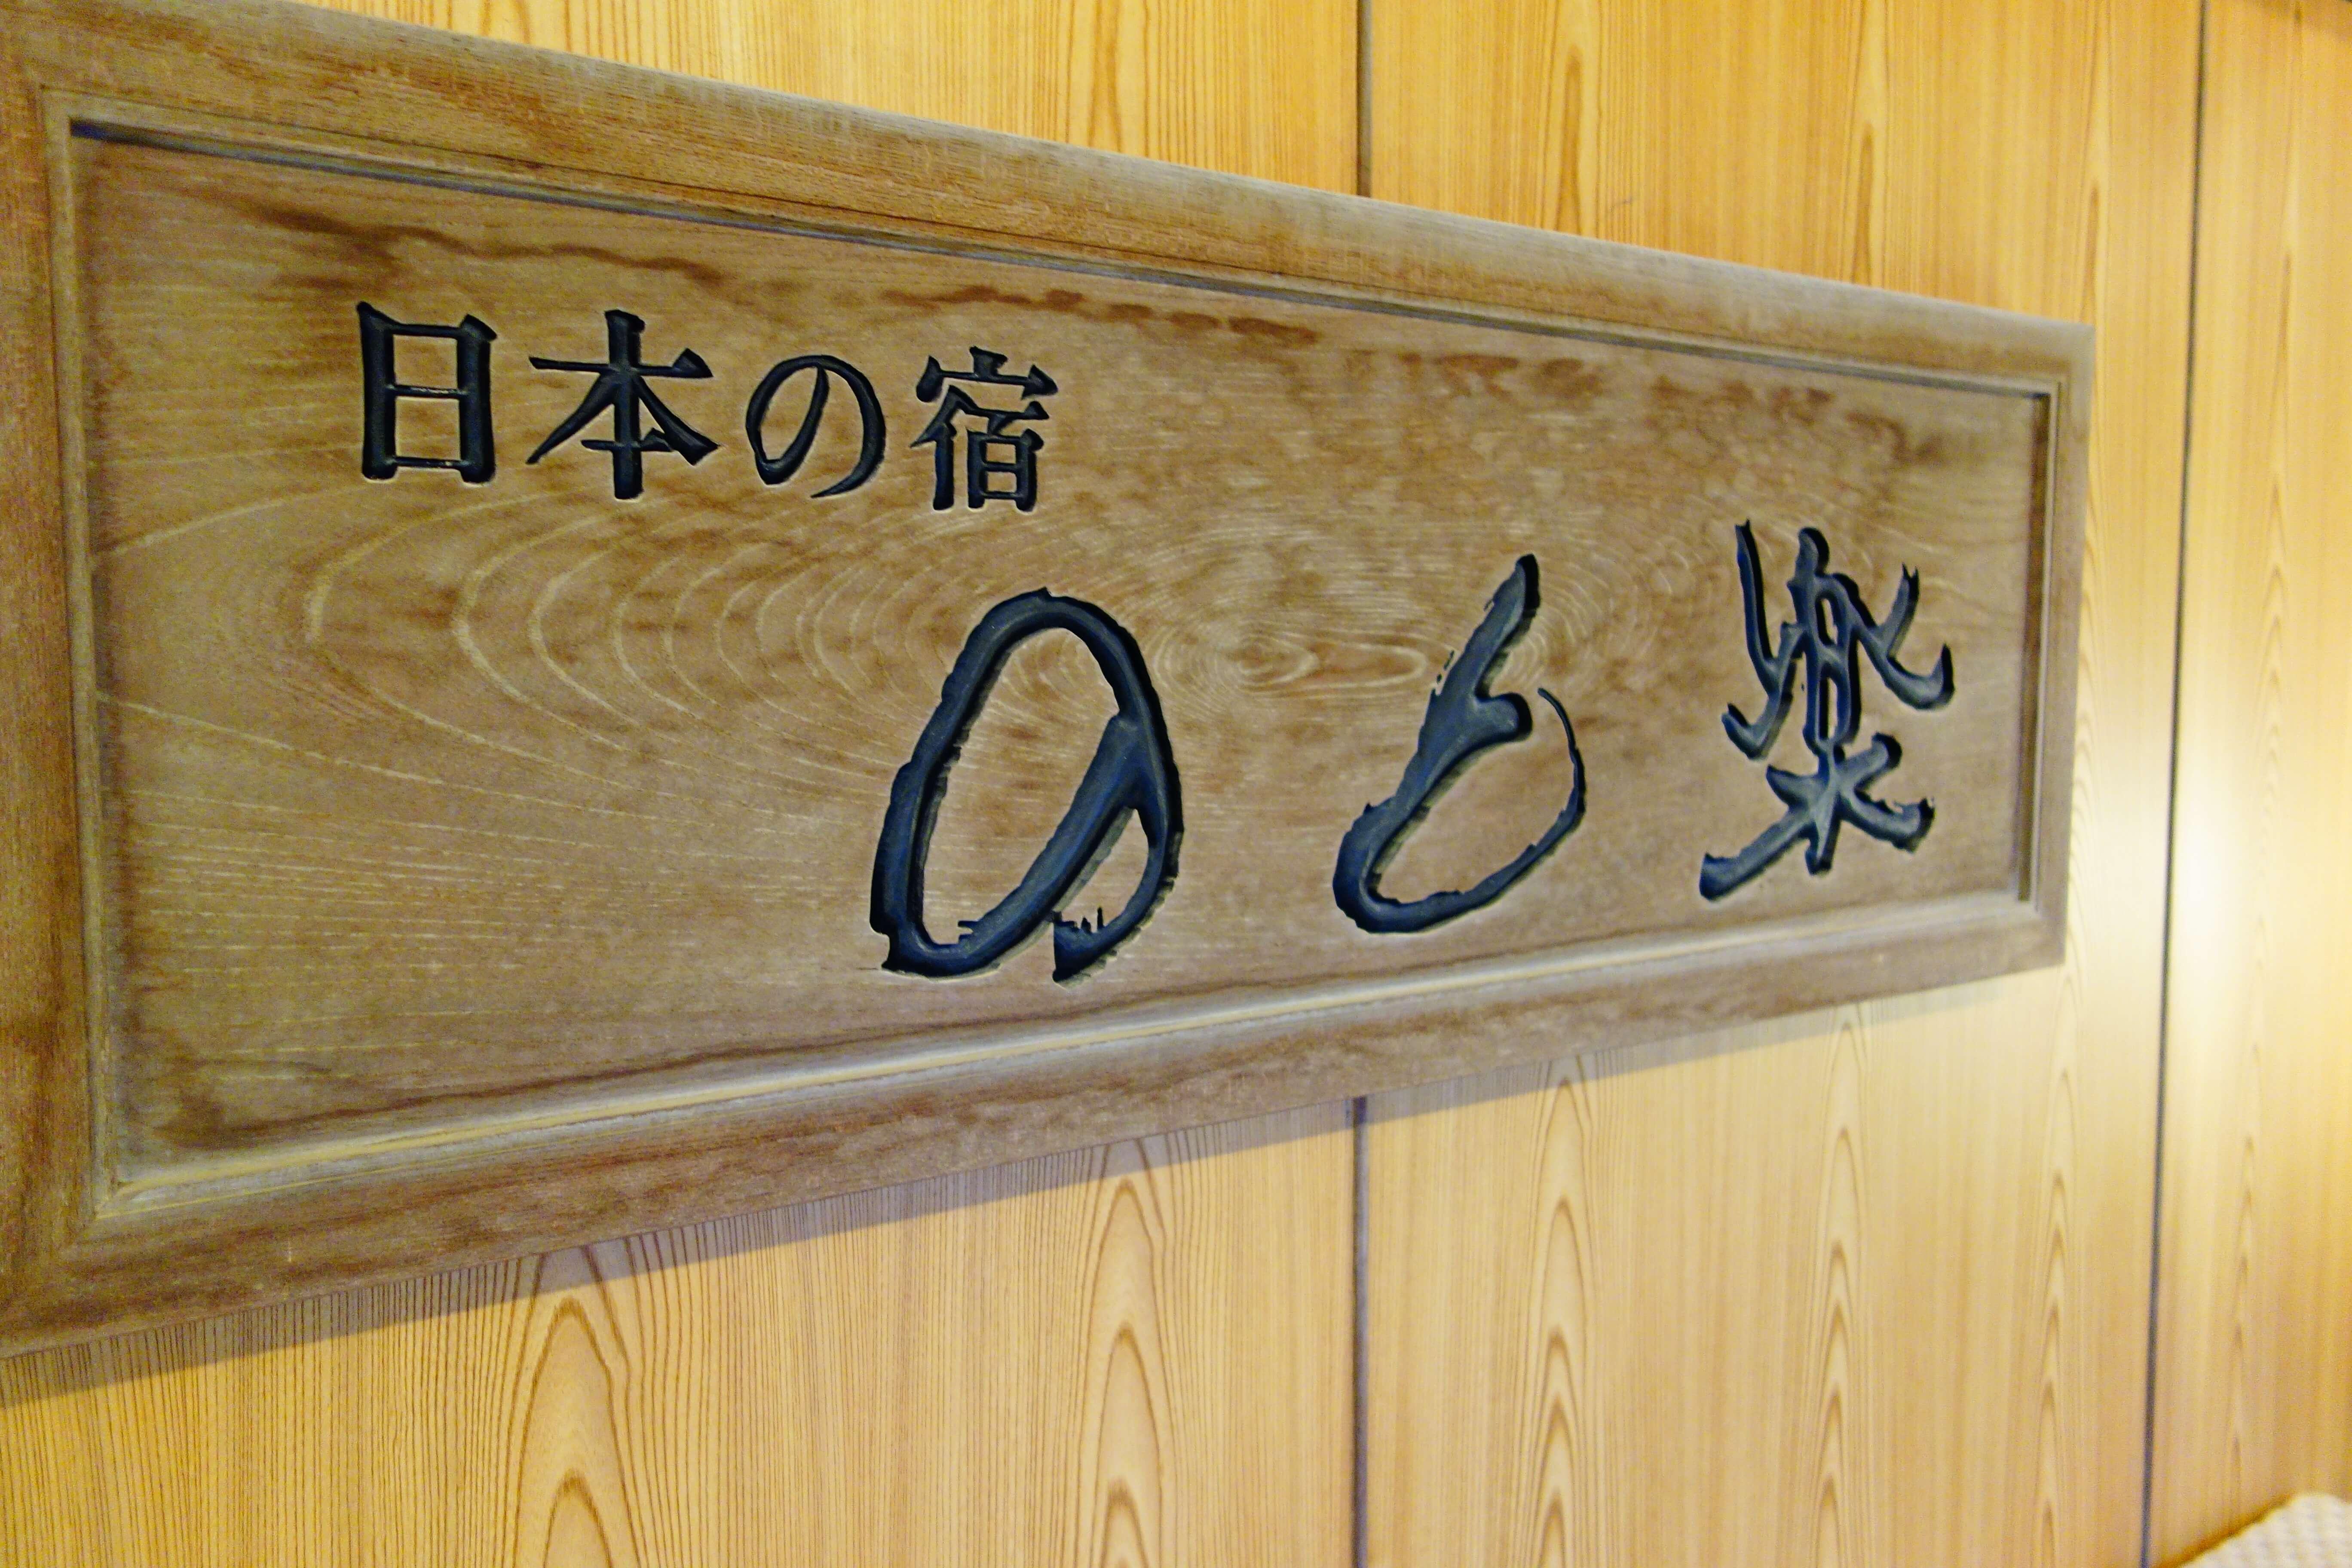 のと楽|七尾市にある和倉温泉でゆったりと非日常を体感できるおすすめ宿